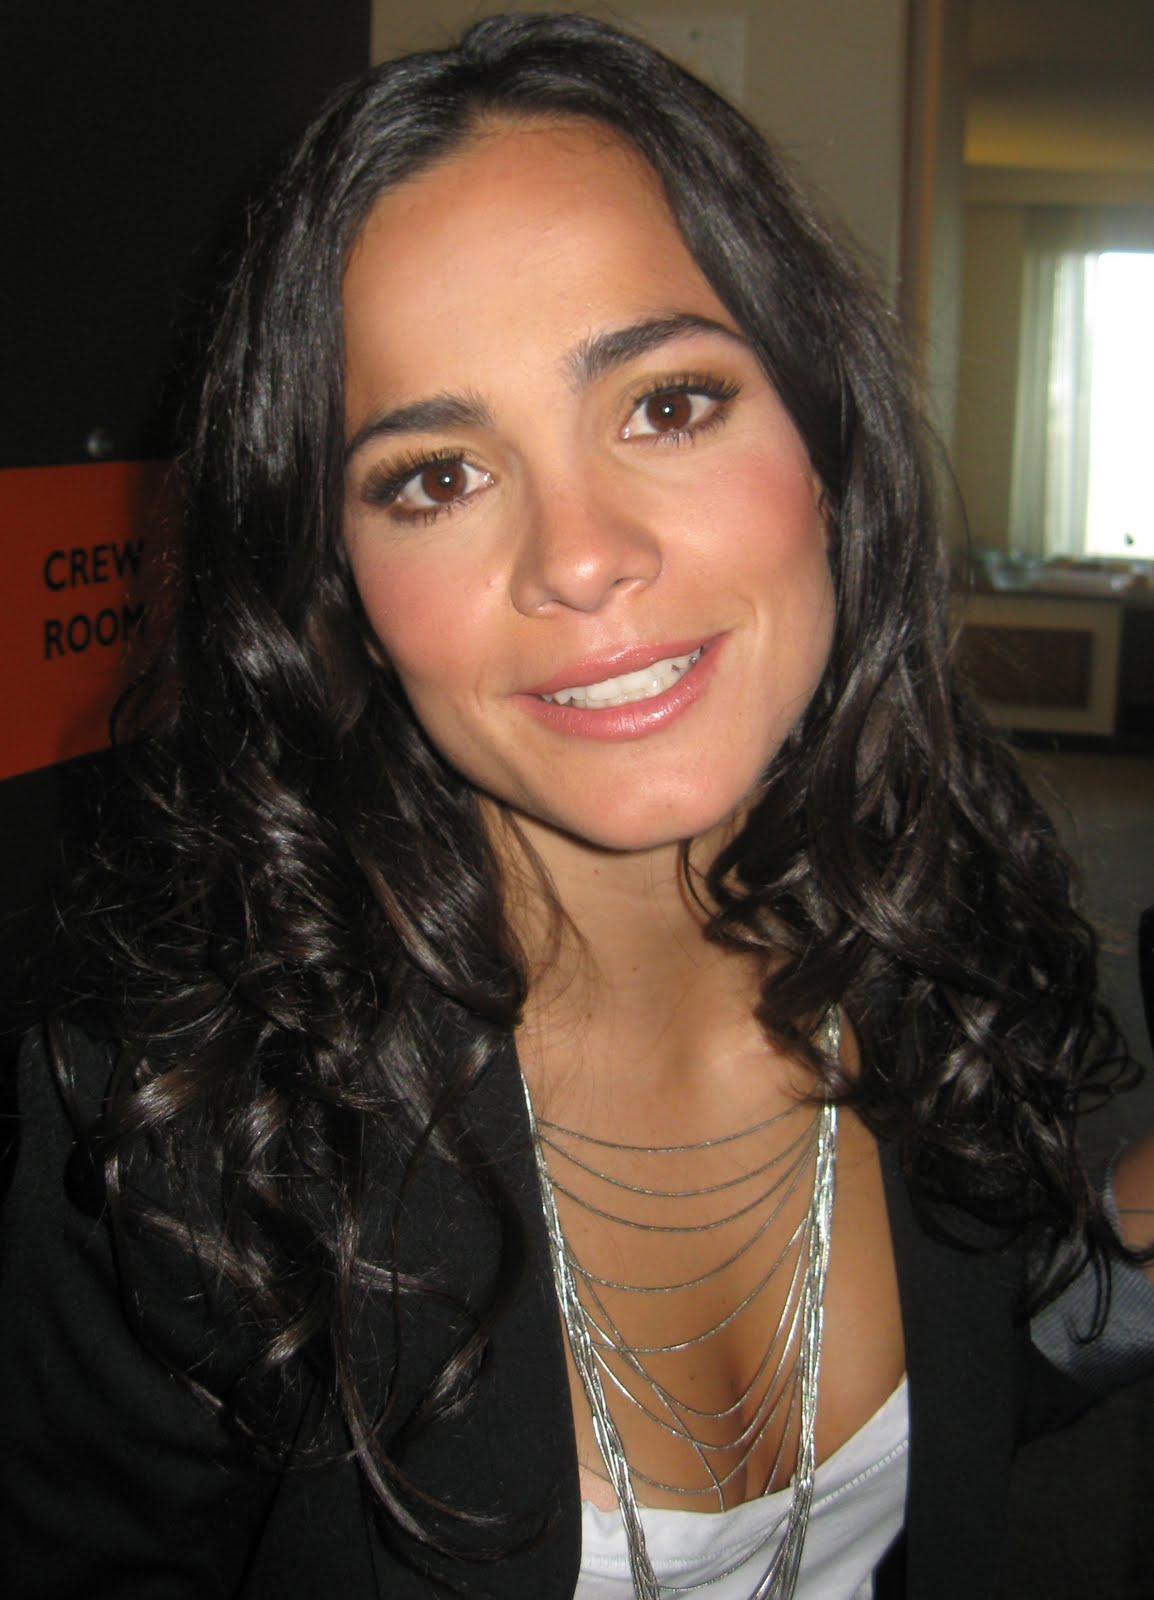 http://4.bp.blogspot.com/_baA00BuQ7Vs/TDoDnnIVQSI/AAAAAAAAA6U/vWfB-FmIXIM/s1600/alice-Braga.jpg